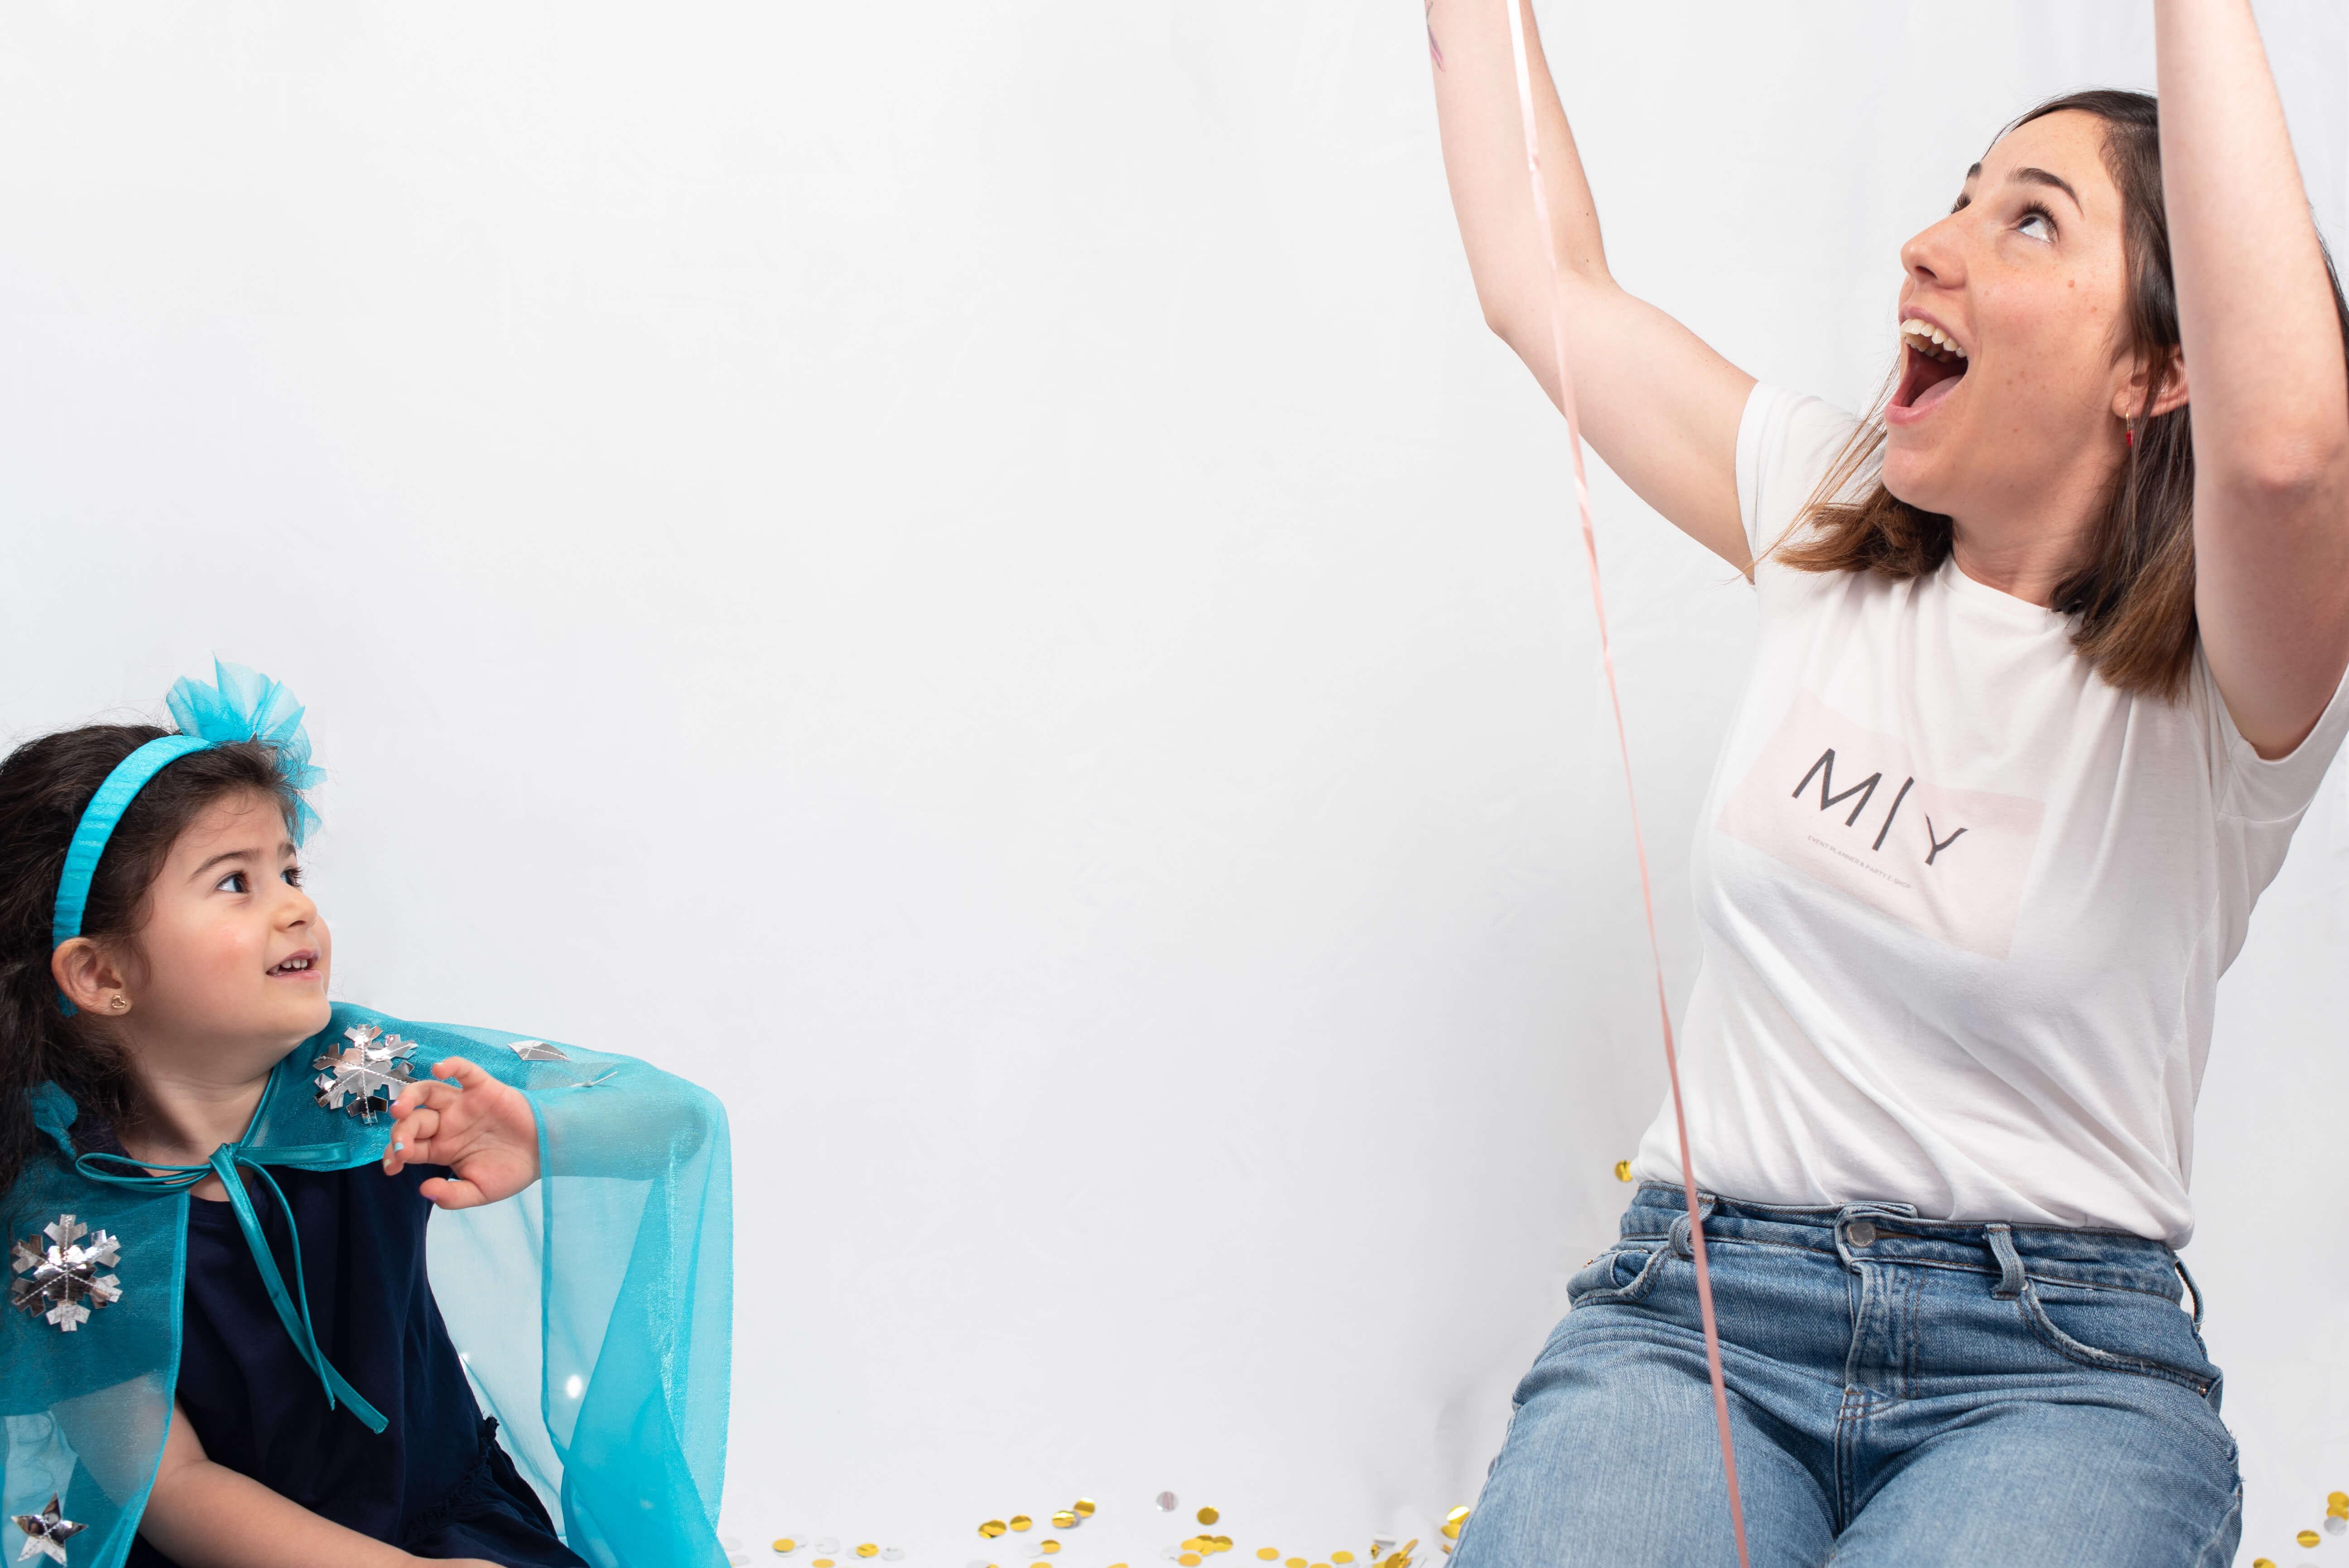 La fundadora de Marcela Yamur sonríe junto a una niña